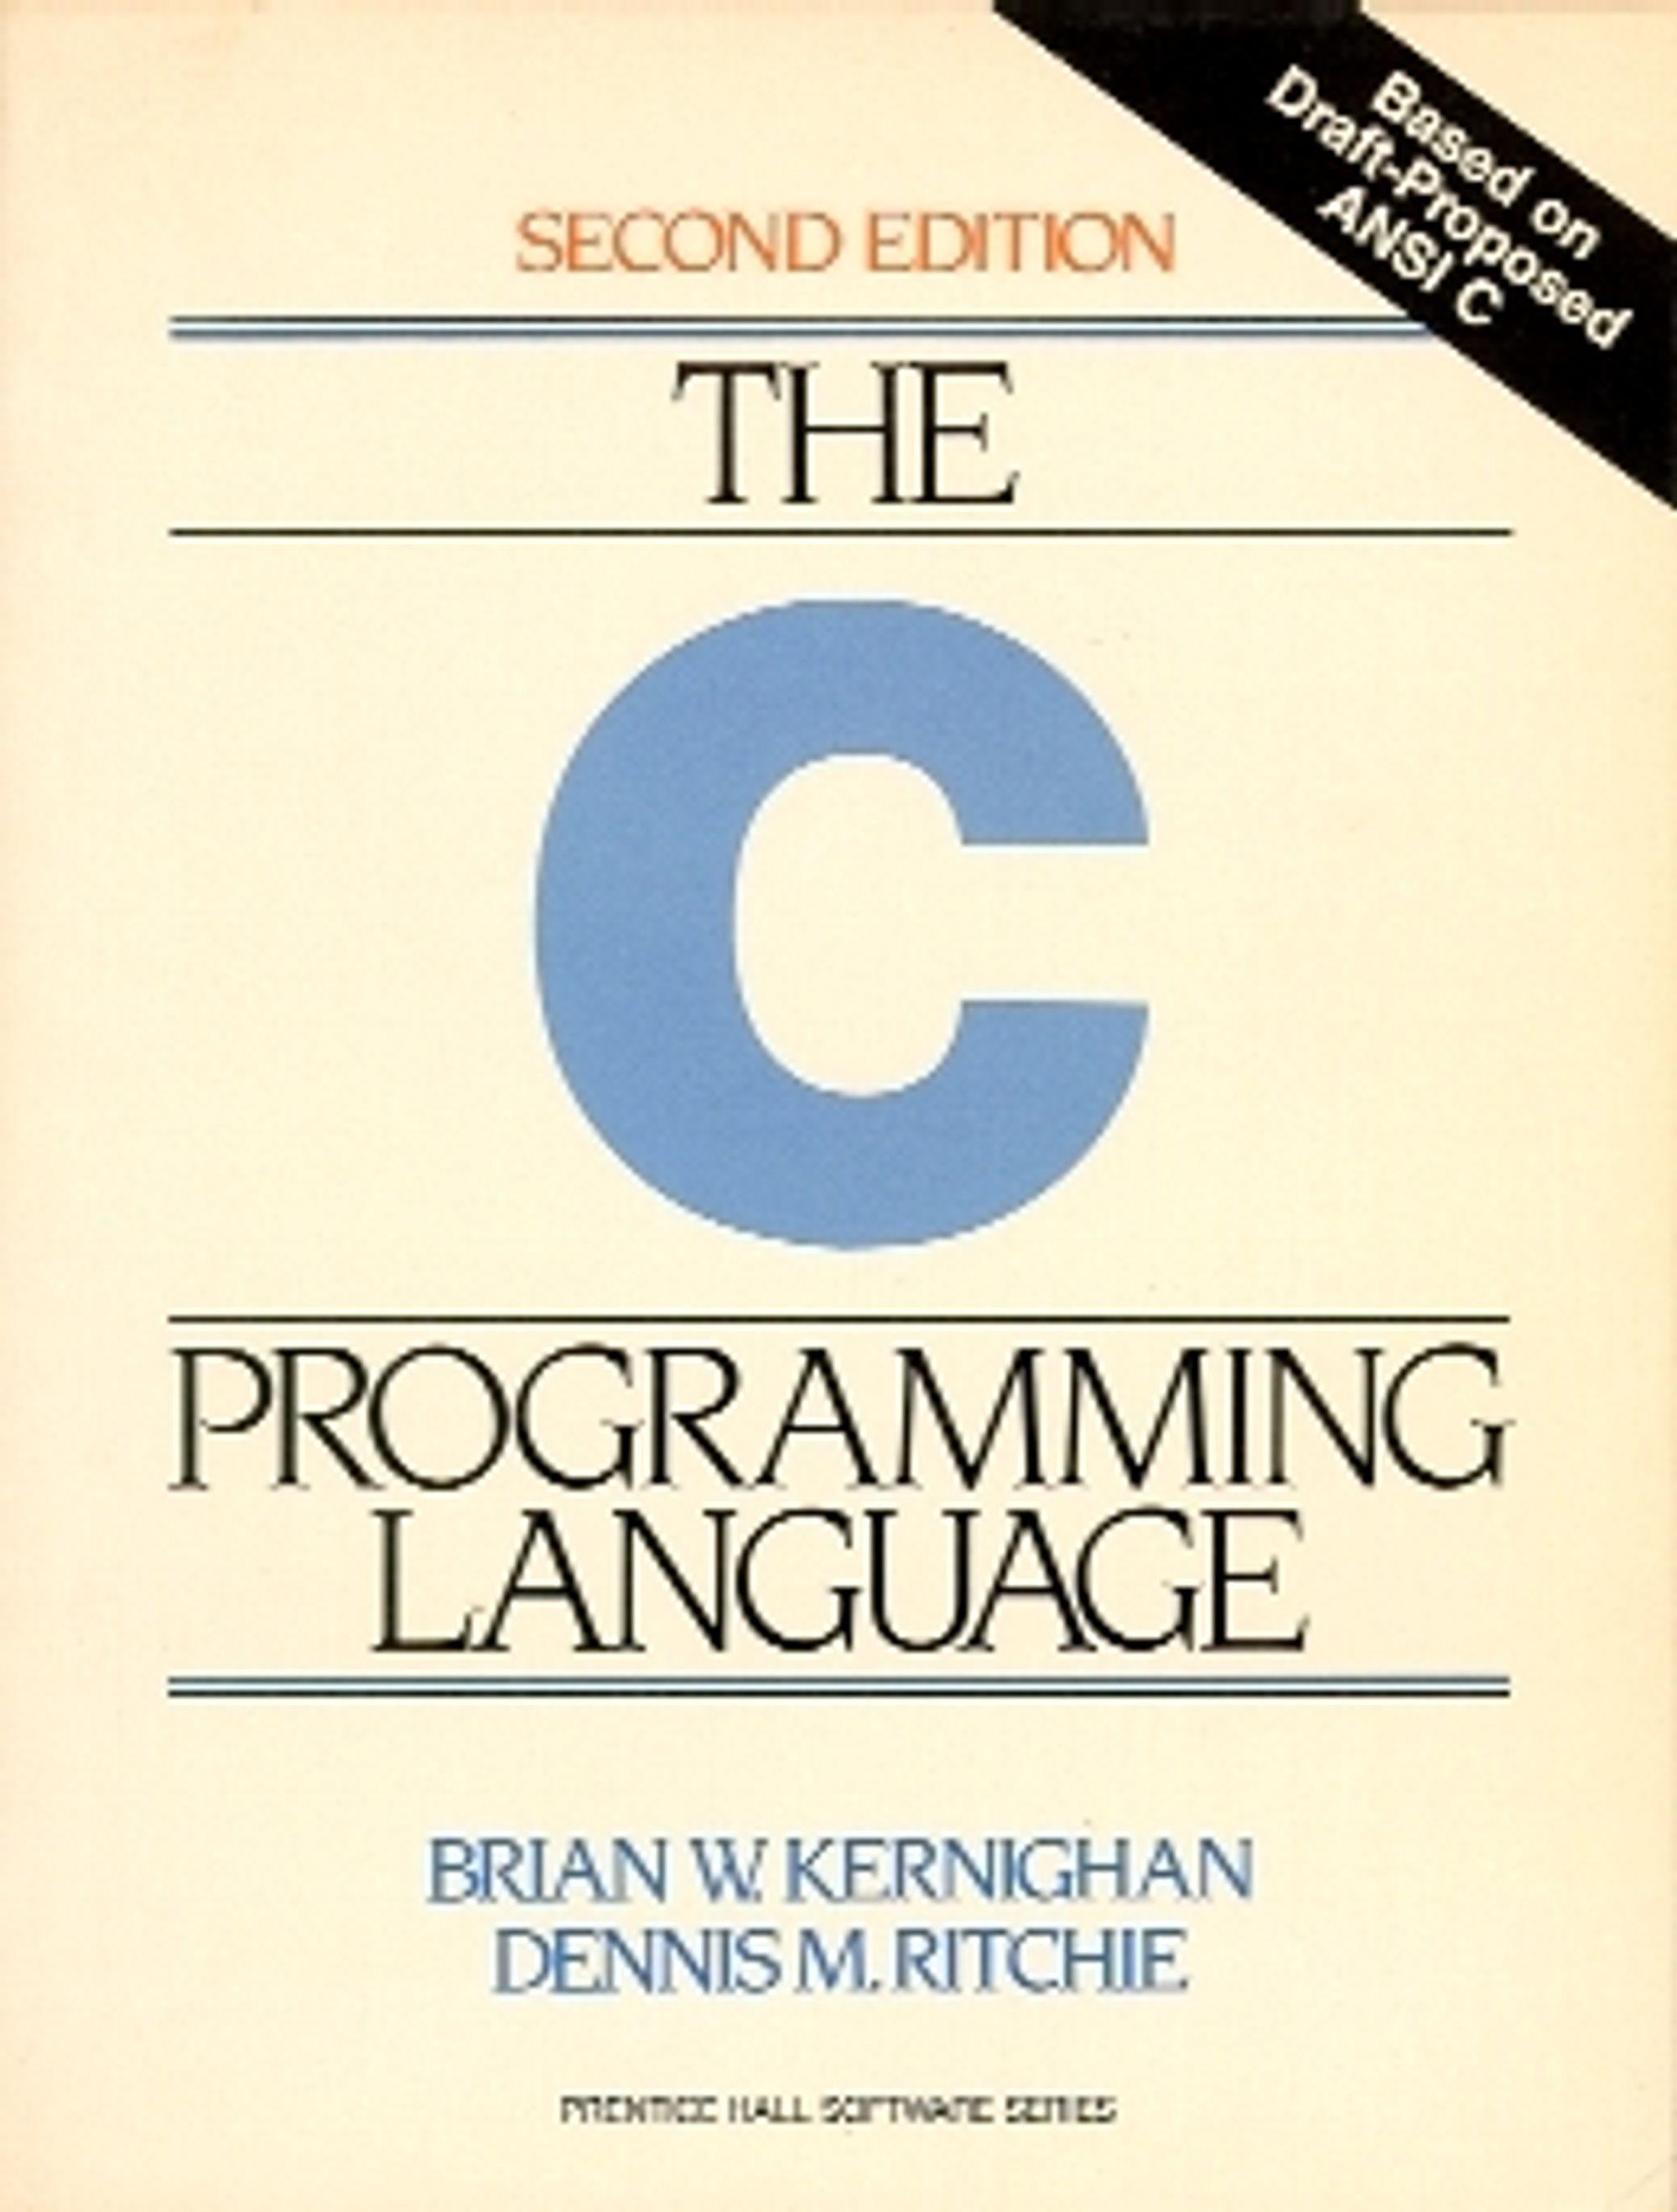 Andre utgave av boken «The C Programming Language» som Dennis Ritchie opprinnelig forfattet sammen med Brian Kernighan i 1978.